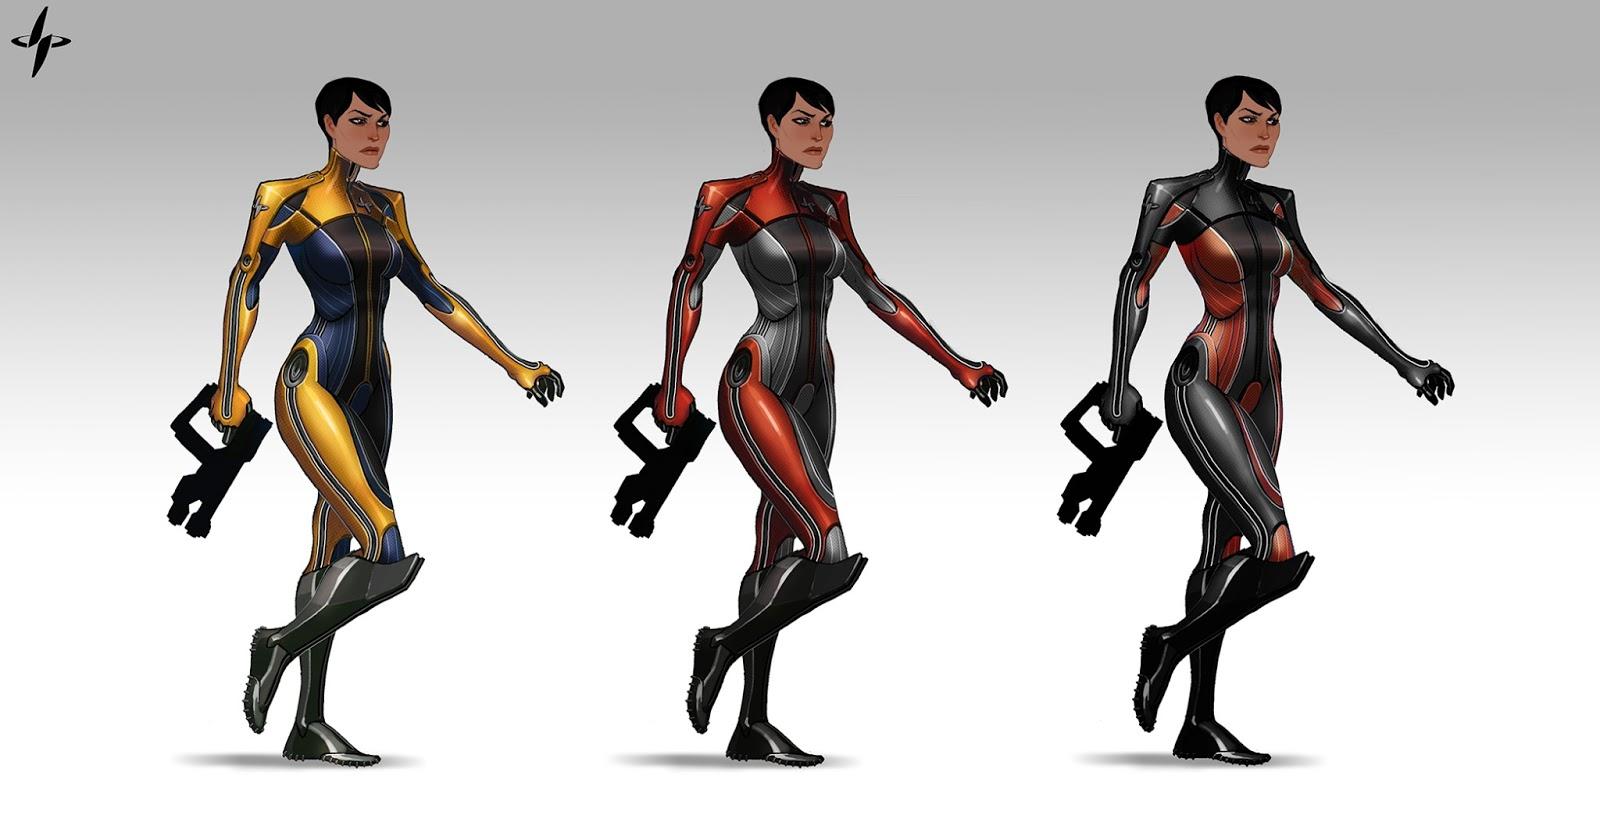 Takhle mohl původně vypadat Mass Effect a Dragon Age 85115